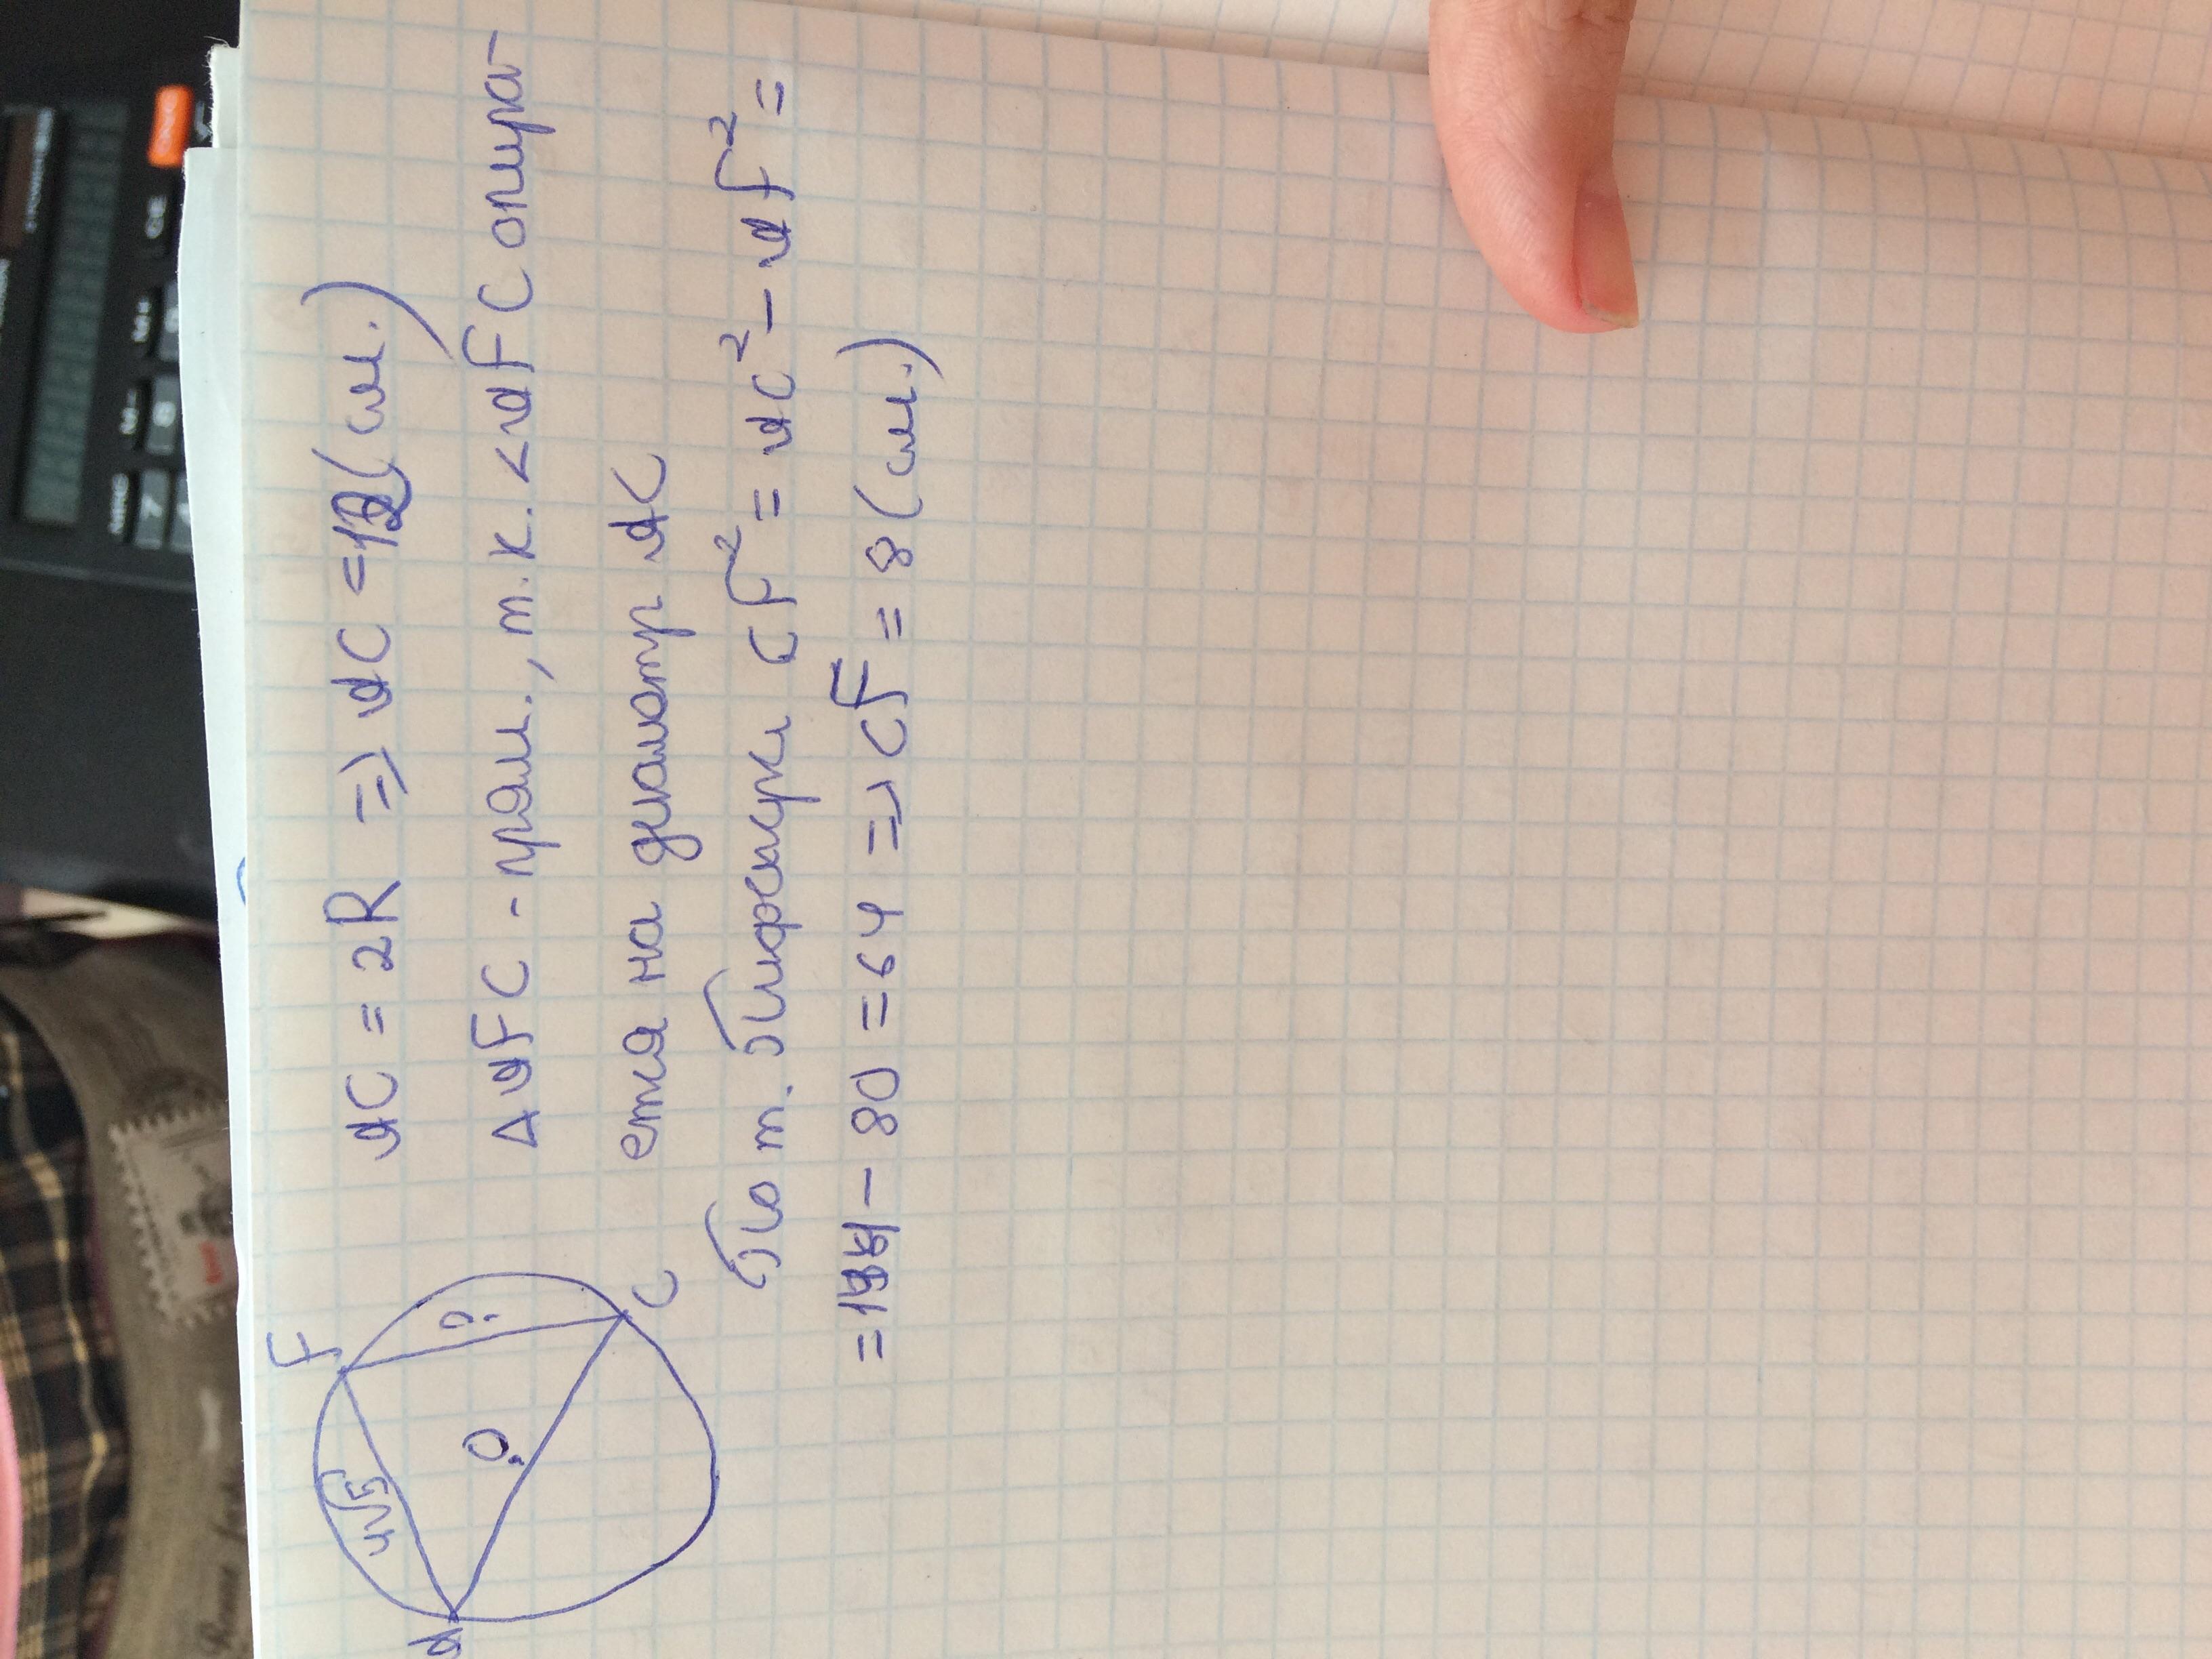 AF и CF - хорды окружности, AC - её диаметр.